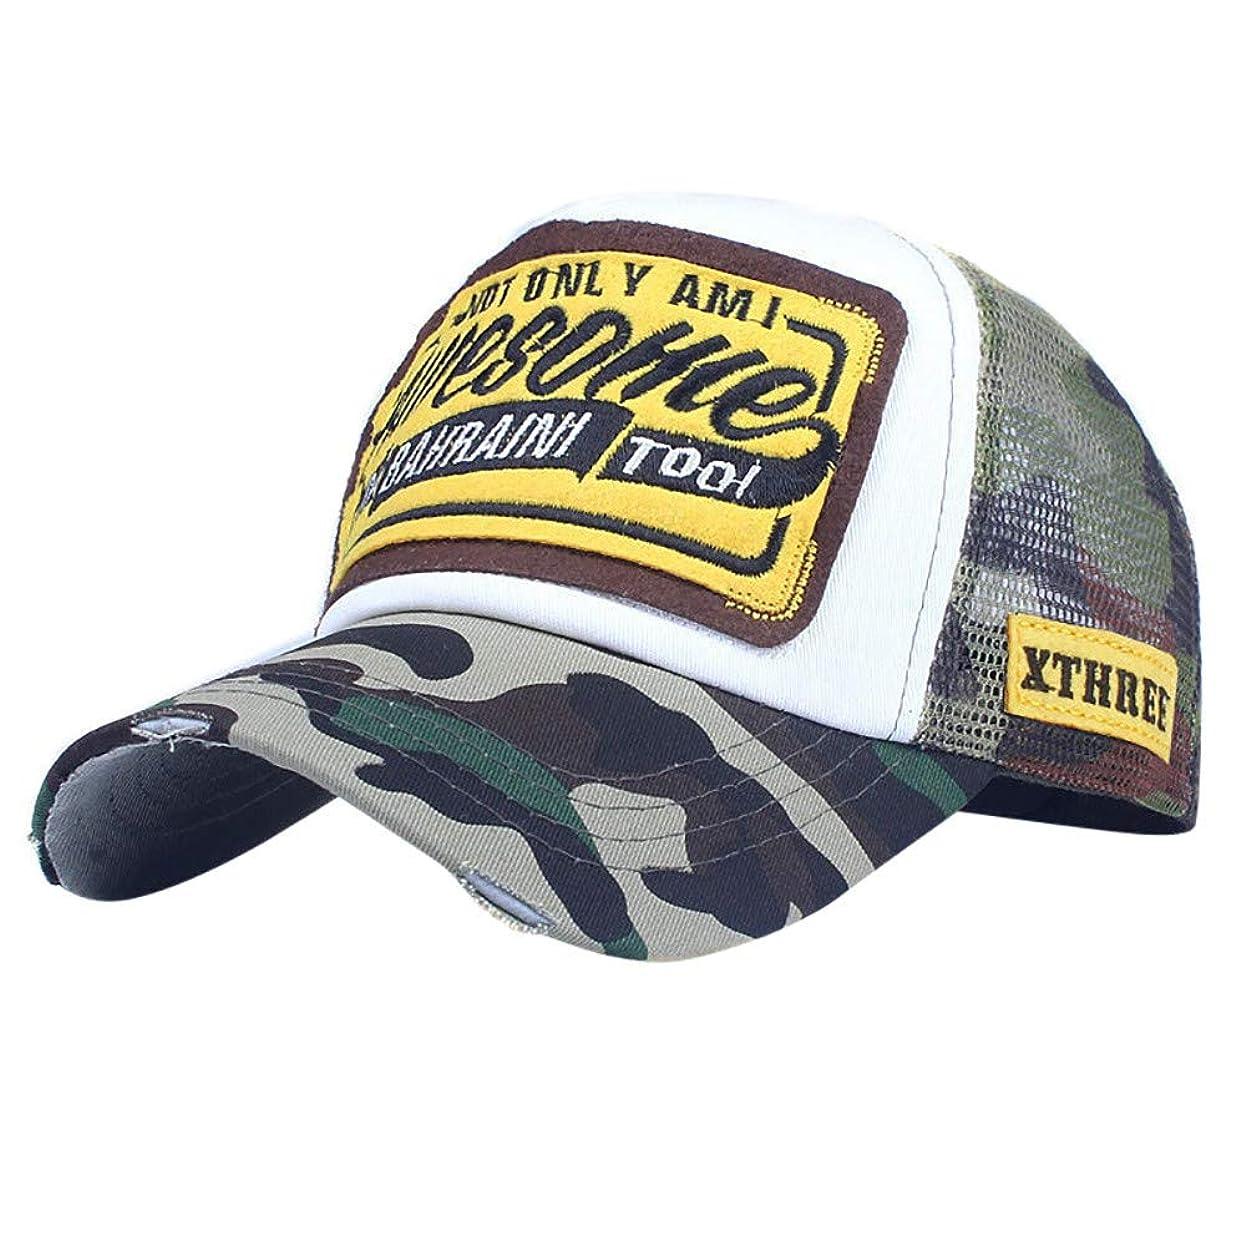 乱雑な間隔解決するRacazing カモフラージュ 野球帽 ヒップホップ メンズ 夏 登山 帽子 迷彩 可調整可能 プラスベルベット 棒球帽 UV 帽子 UVカット軽量 屋外 Unisex 鸭舌帽 Hat Cap